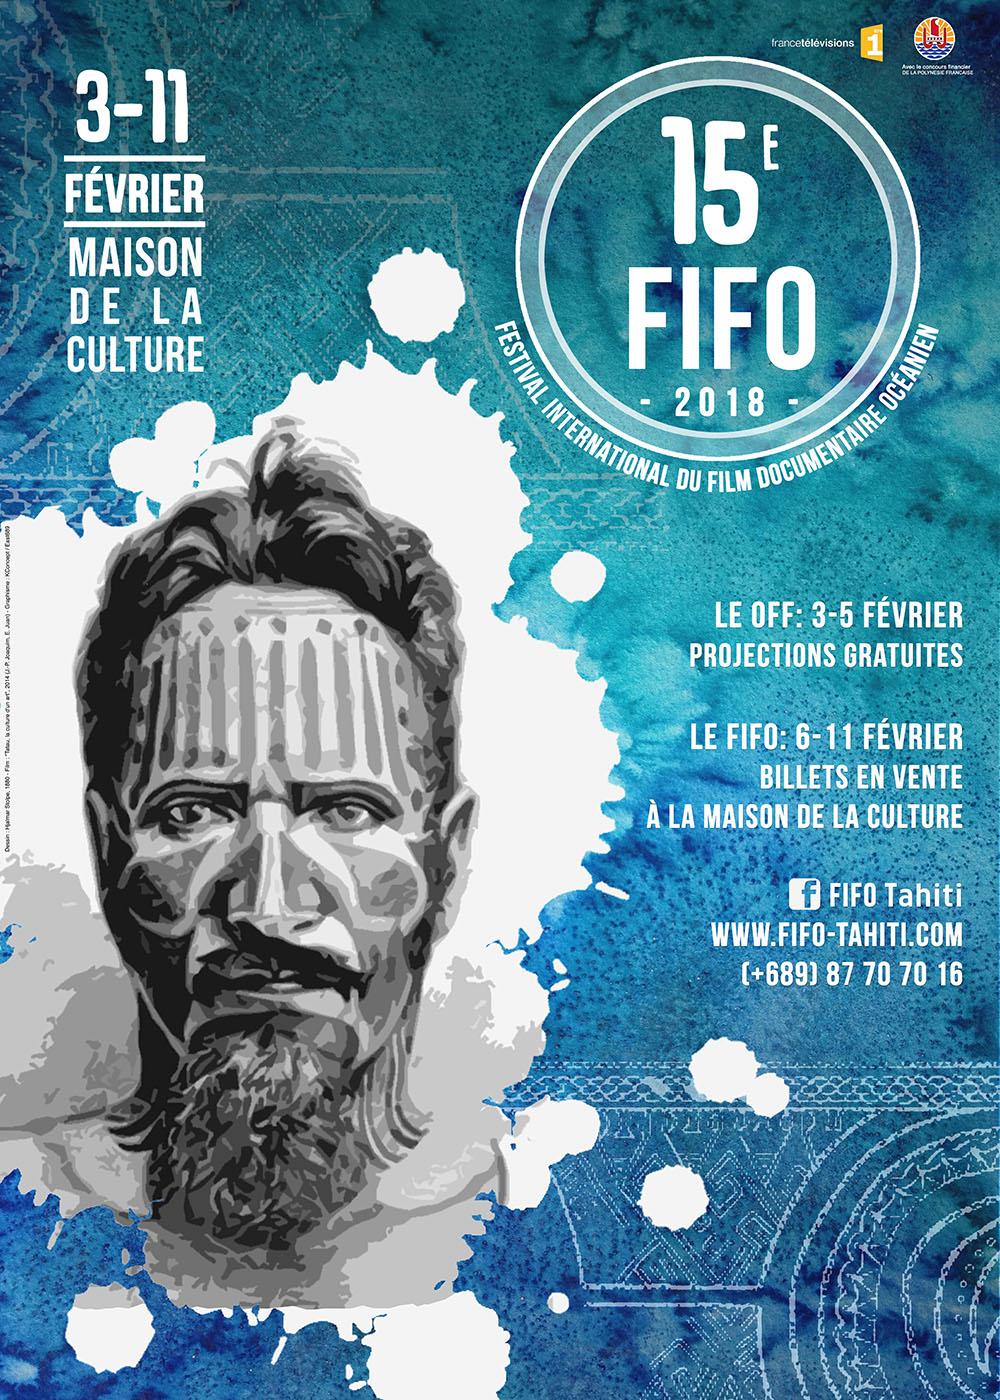 Fifo 2018 : clôture des inscriptions le 14 octobre